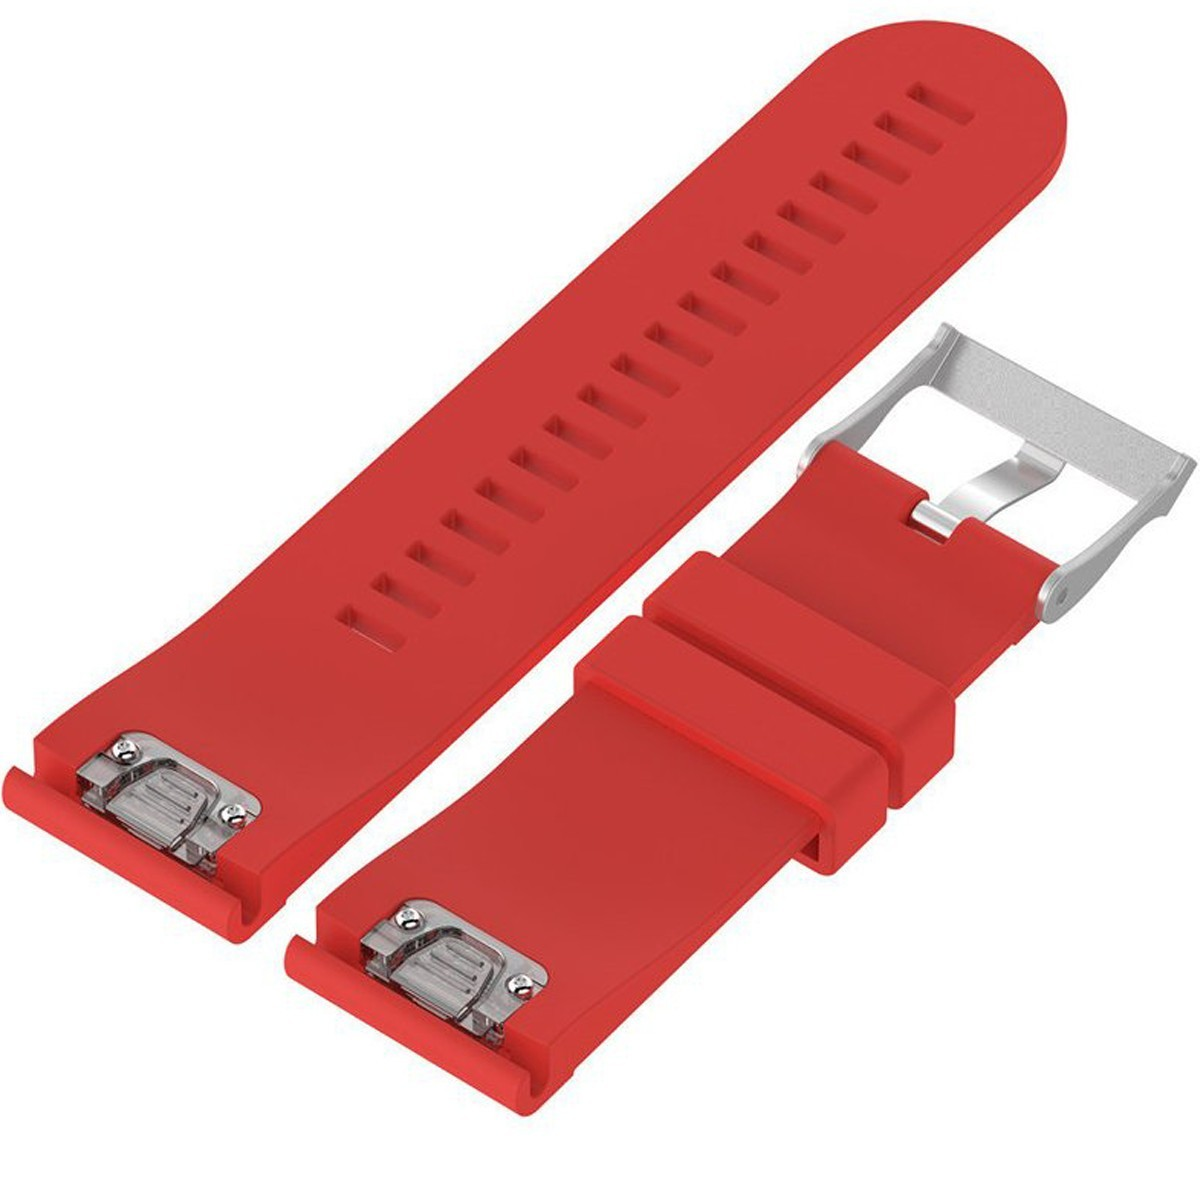 Curea ceas Smartwatch Garmin Fenix 3 / Fenix 5X, 26 mm Silicon iUni Red imagine techstar.ro 2021